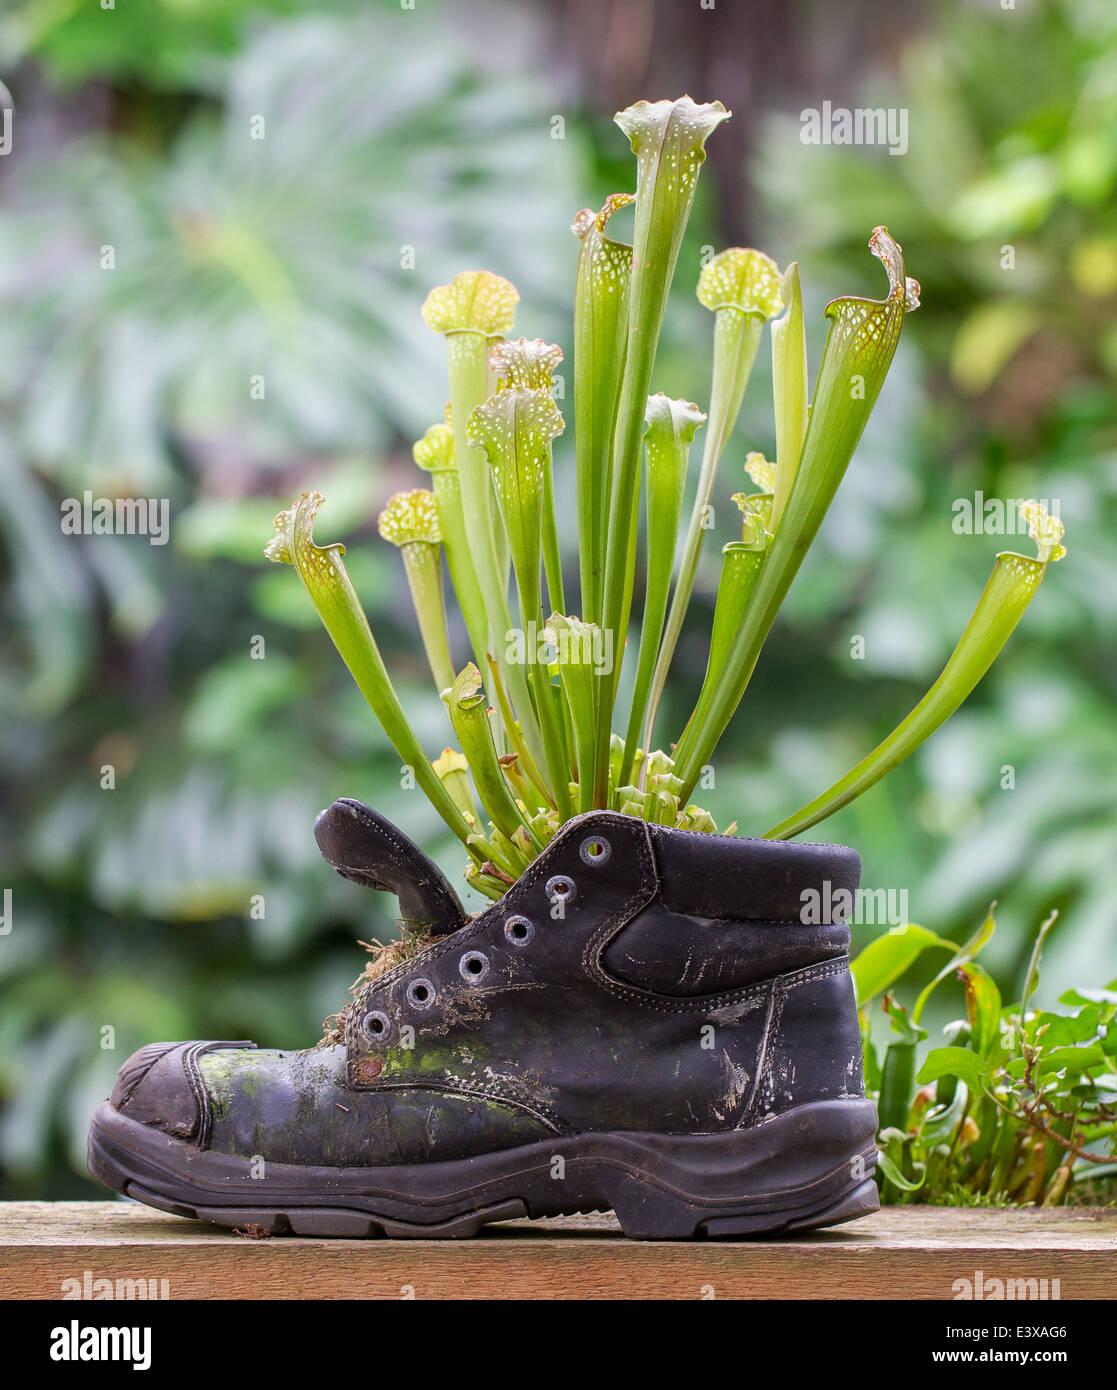 La fuerza de la naturaleza, las plantas jarro en un viejo zapato Imagen De Stock